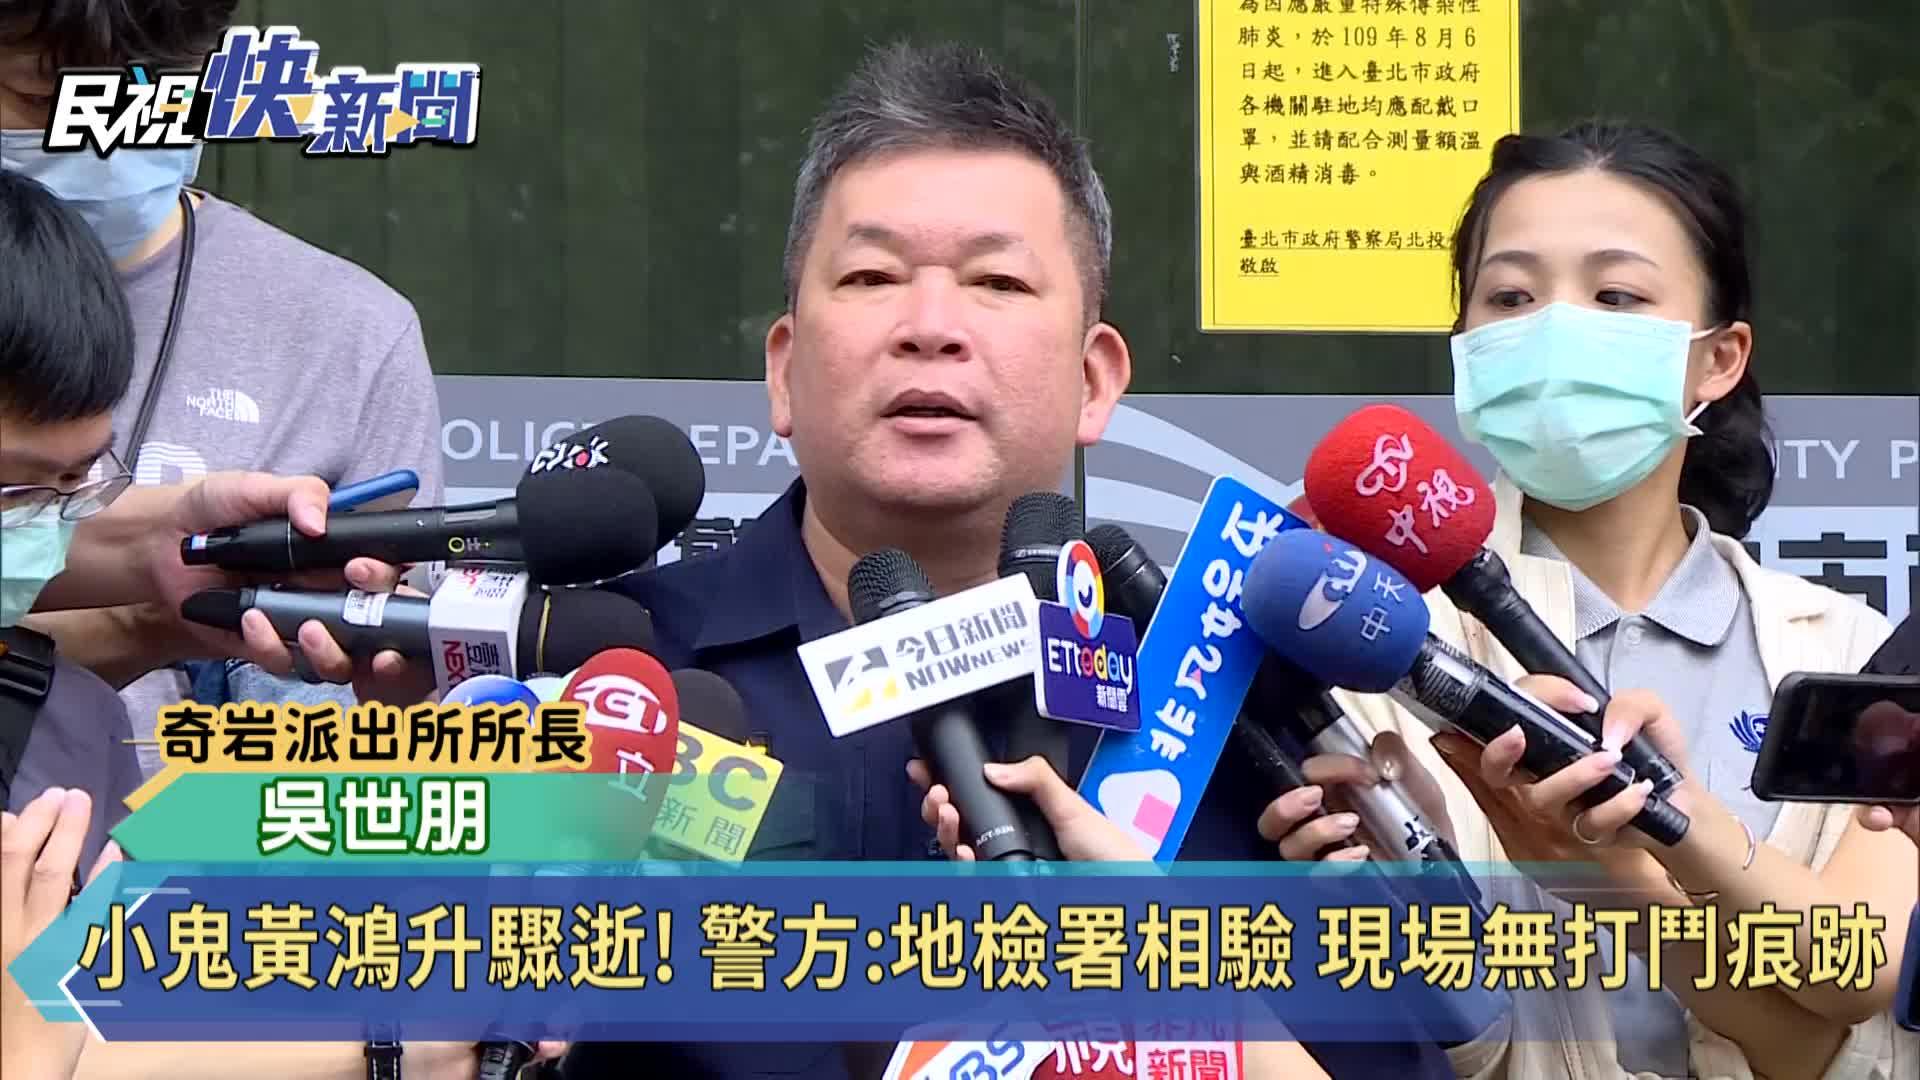 快新聞/小鬼黃鴻升陳屍家中 警方:已請地檢署相驗 現場無打鬥痕跡